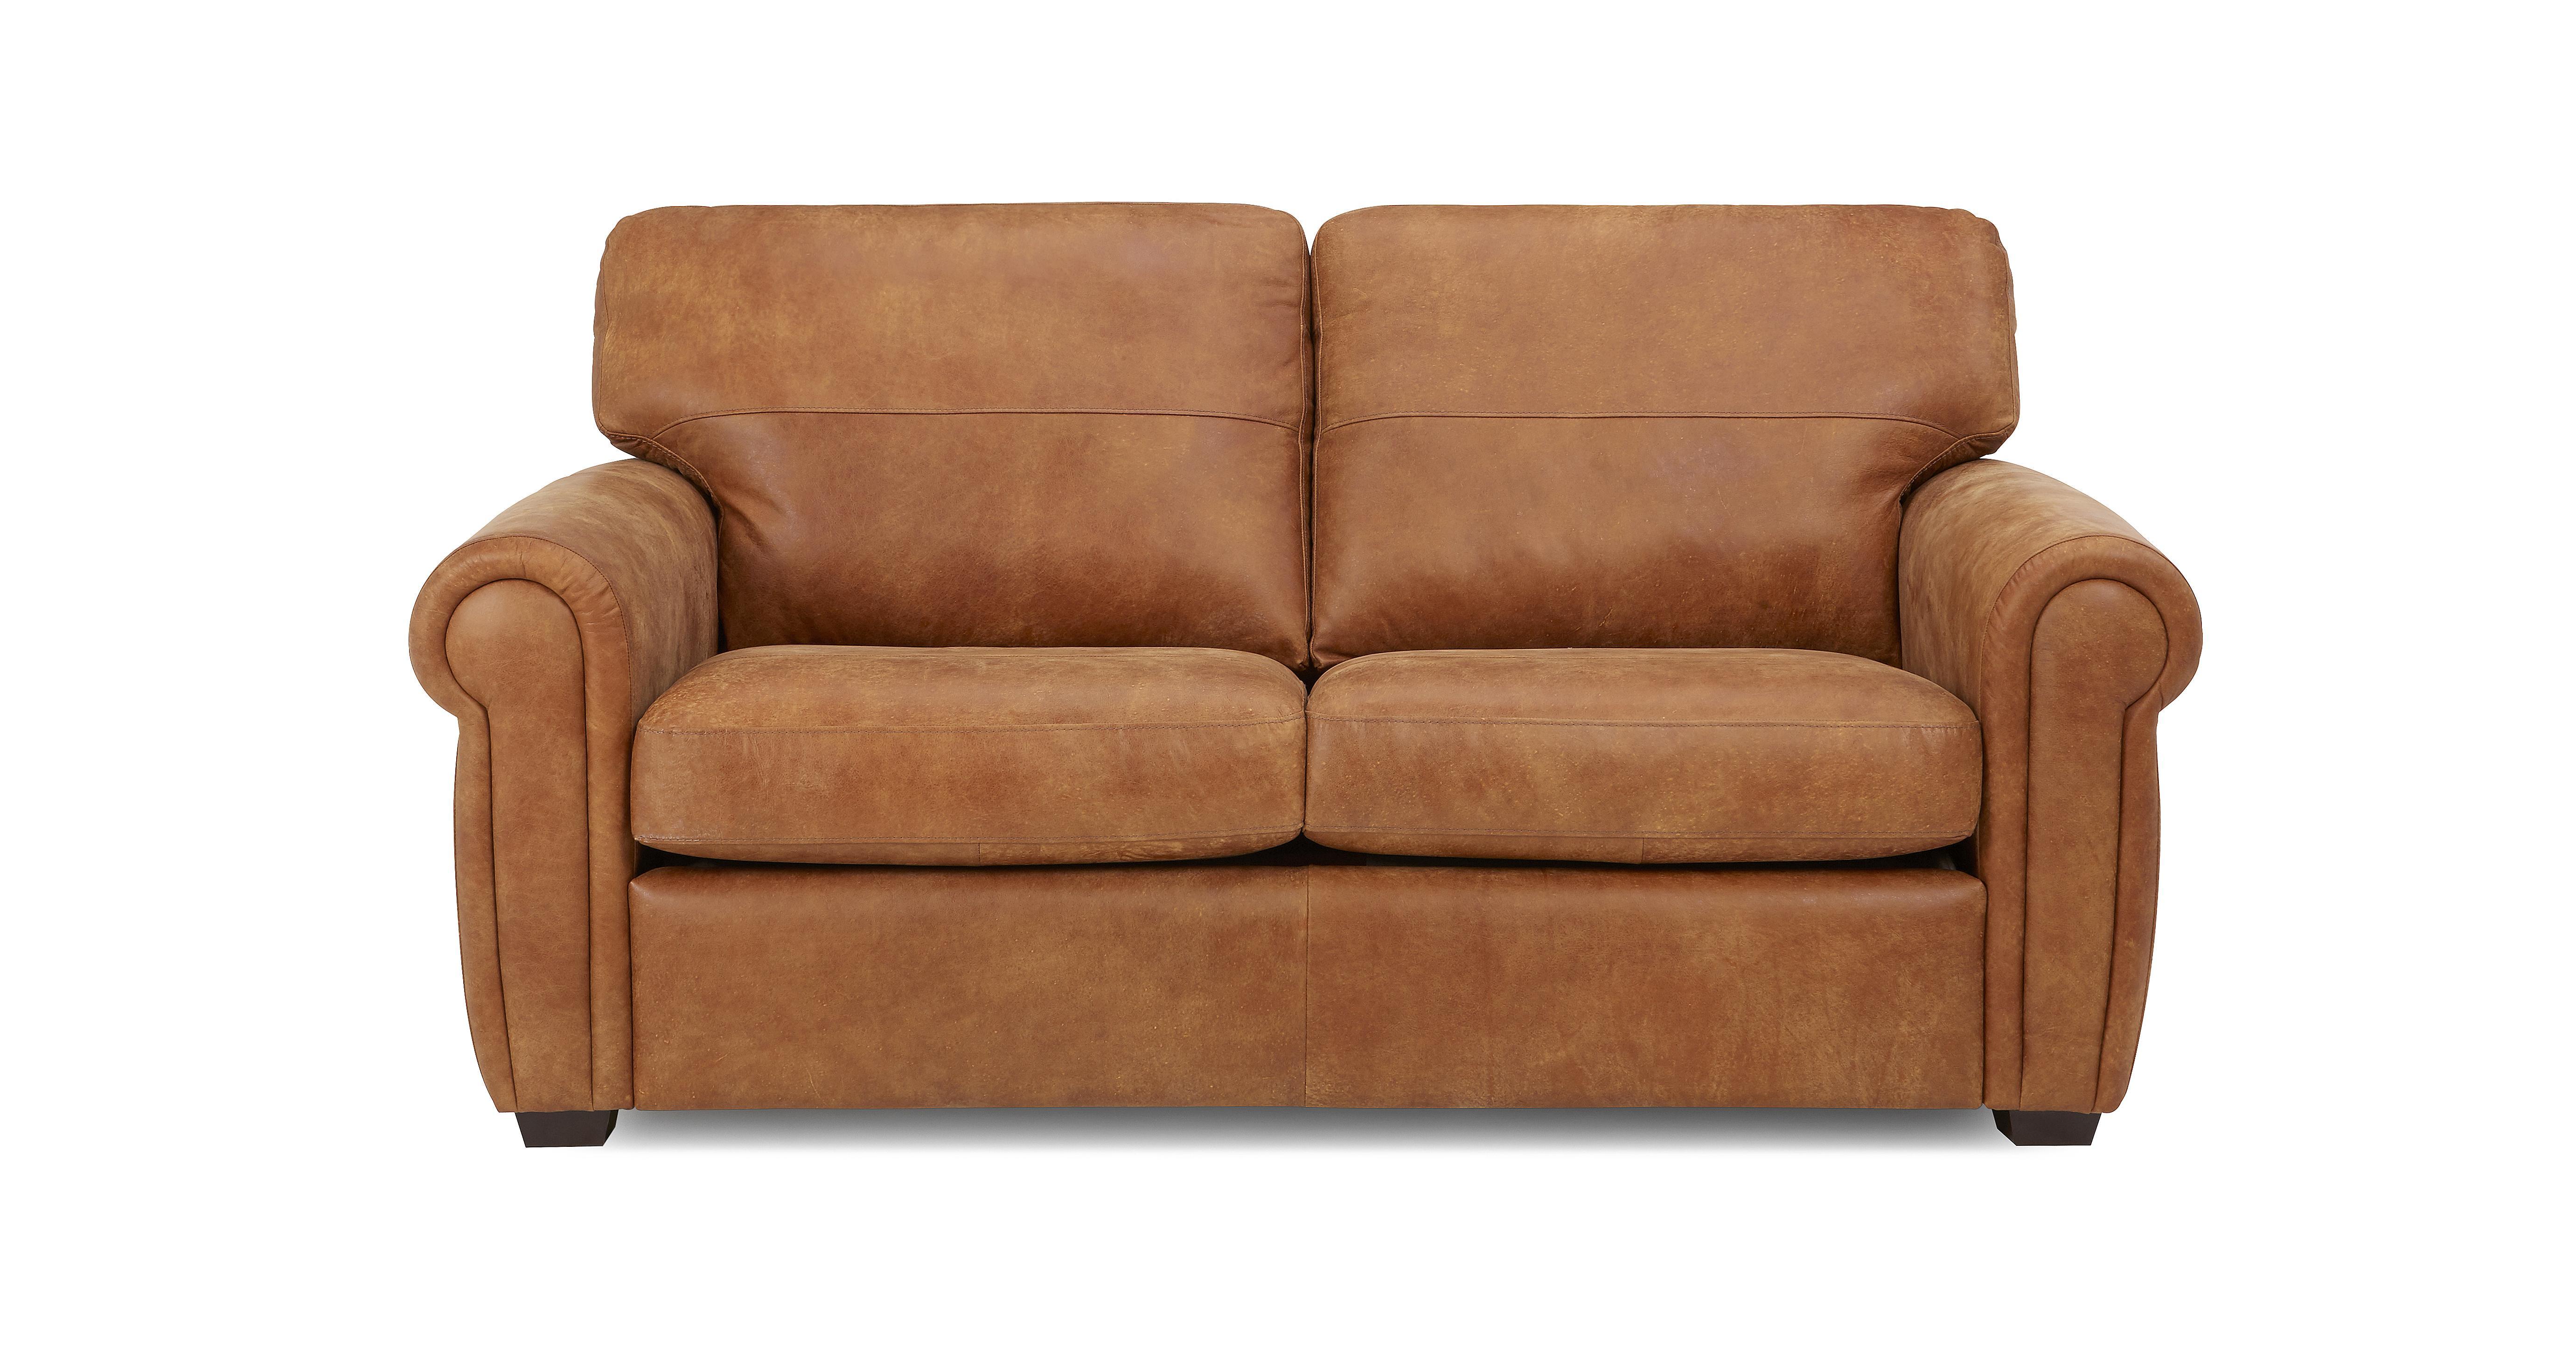 Sanchez groot 2 zits deluxe slaapbank saddle dfs banken - Sofa stijl jaar ...